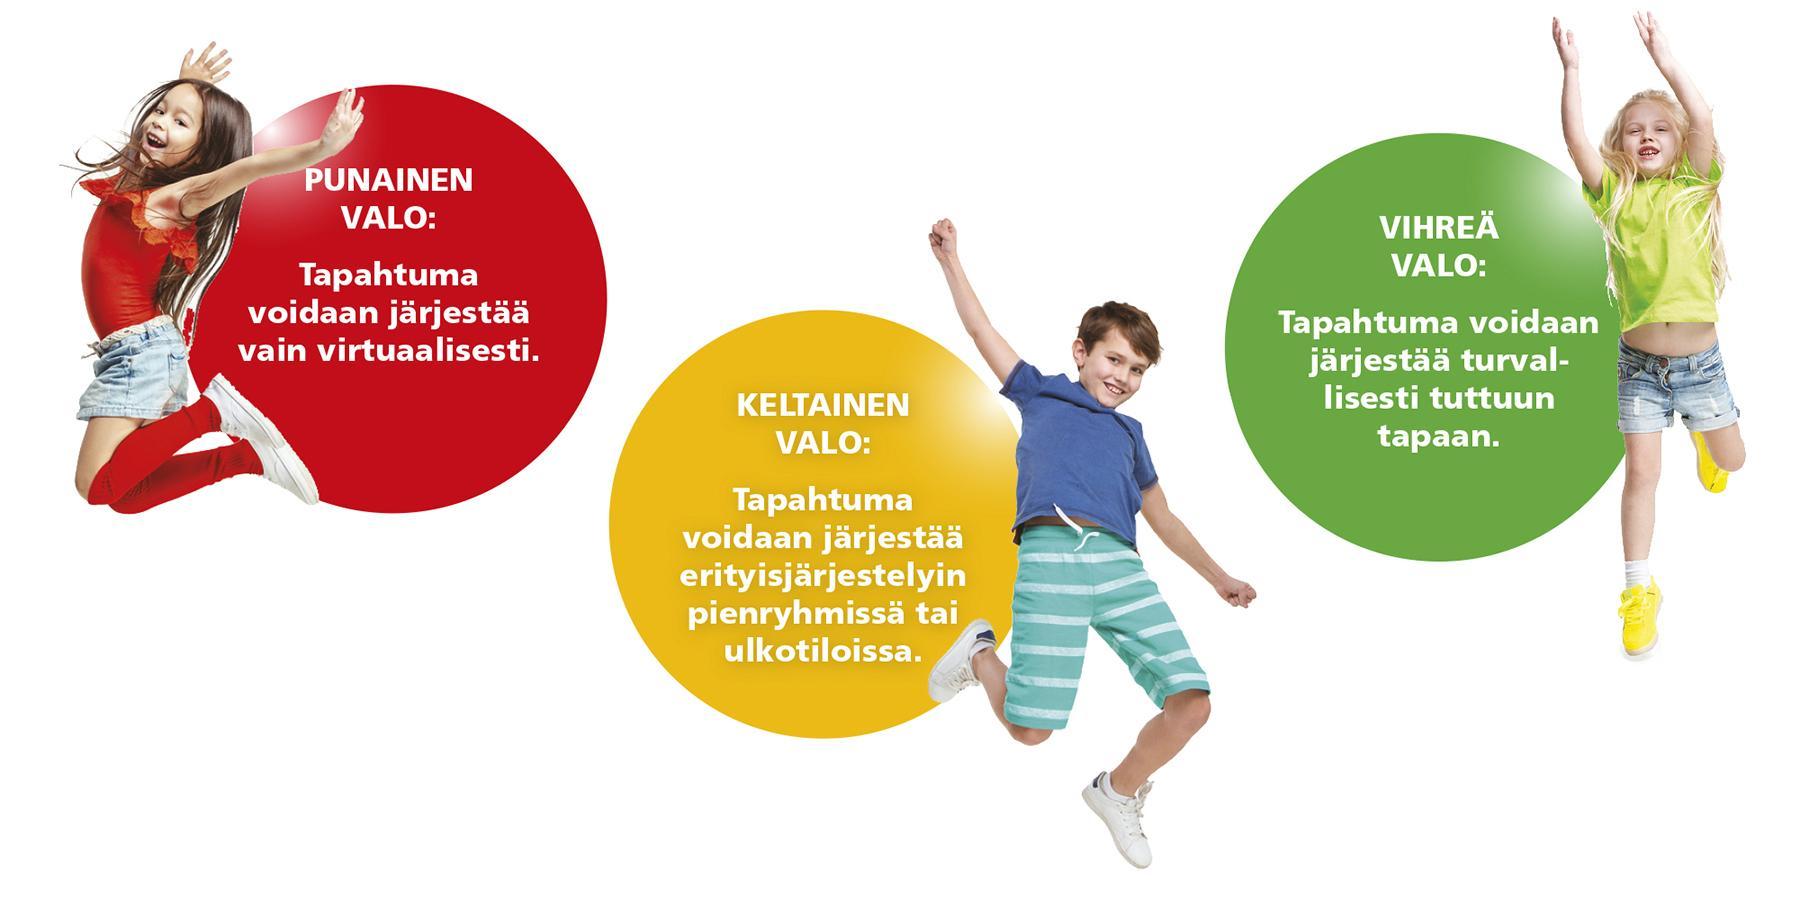 Kodin ja Koulun Päivän liikennevalomalli: Punainen valo = tapahtuma voidaan järjestää vain virtuaalisesti. Keltainen valo = kokoontumisia on rajoitettu, mutta tapahtuma voidaan järjestää erityisjärjestelyin pienryhmissä tai ulkotiloissa. Vihreä valo = vanhemmat voidaan kutsua koululle ja tapahtuma voidaan järjestää turvallisesti tuttuun tapaan.